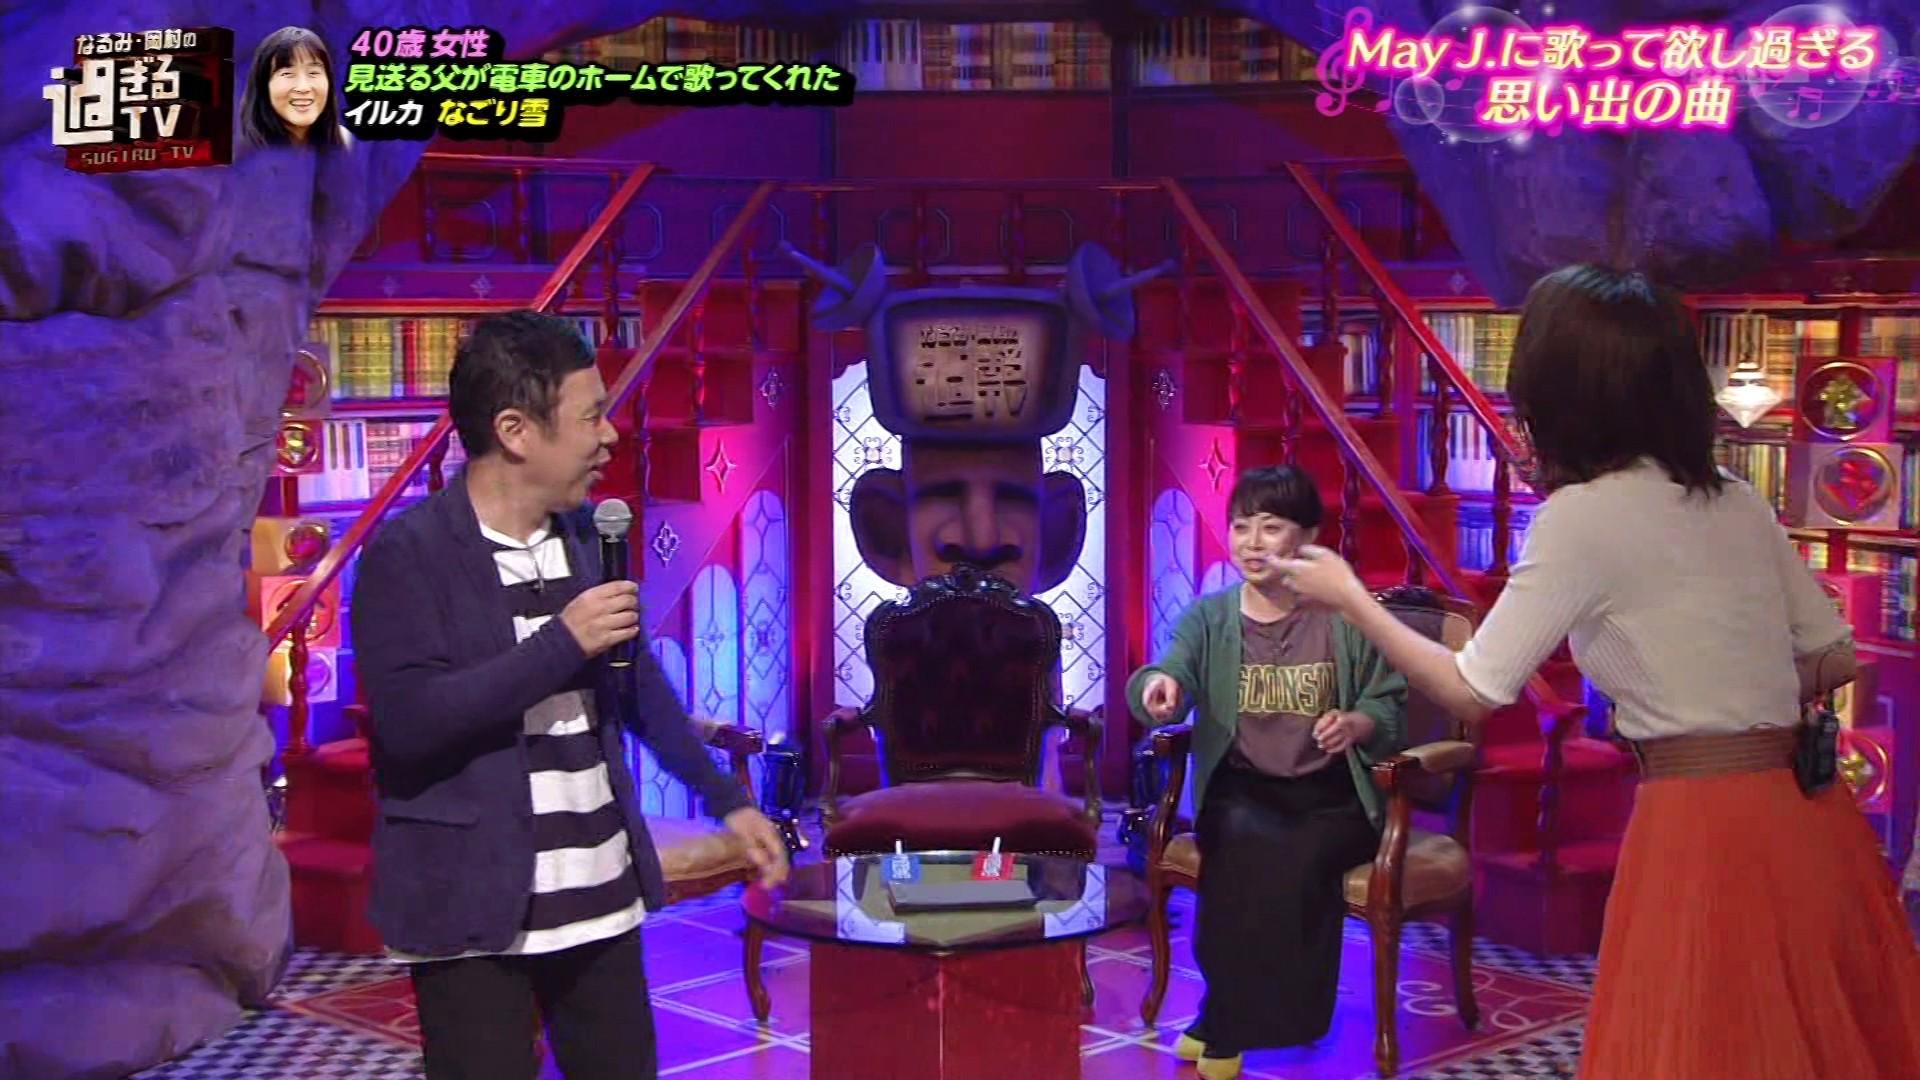 2019年5月13日『過ぎるTV』のテレビキャプチャー画像-049